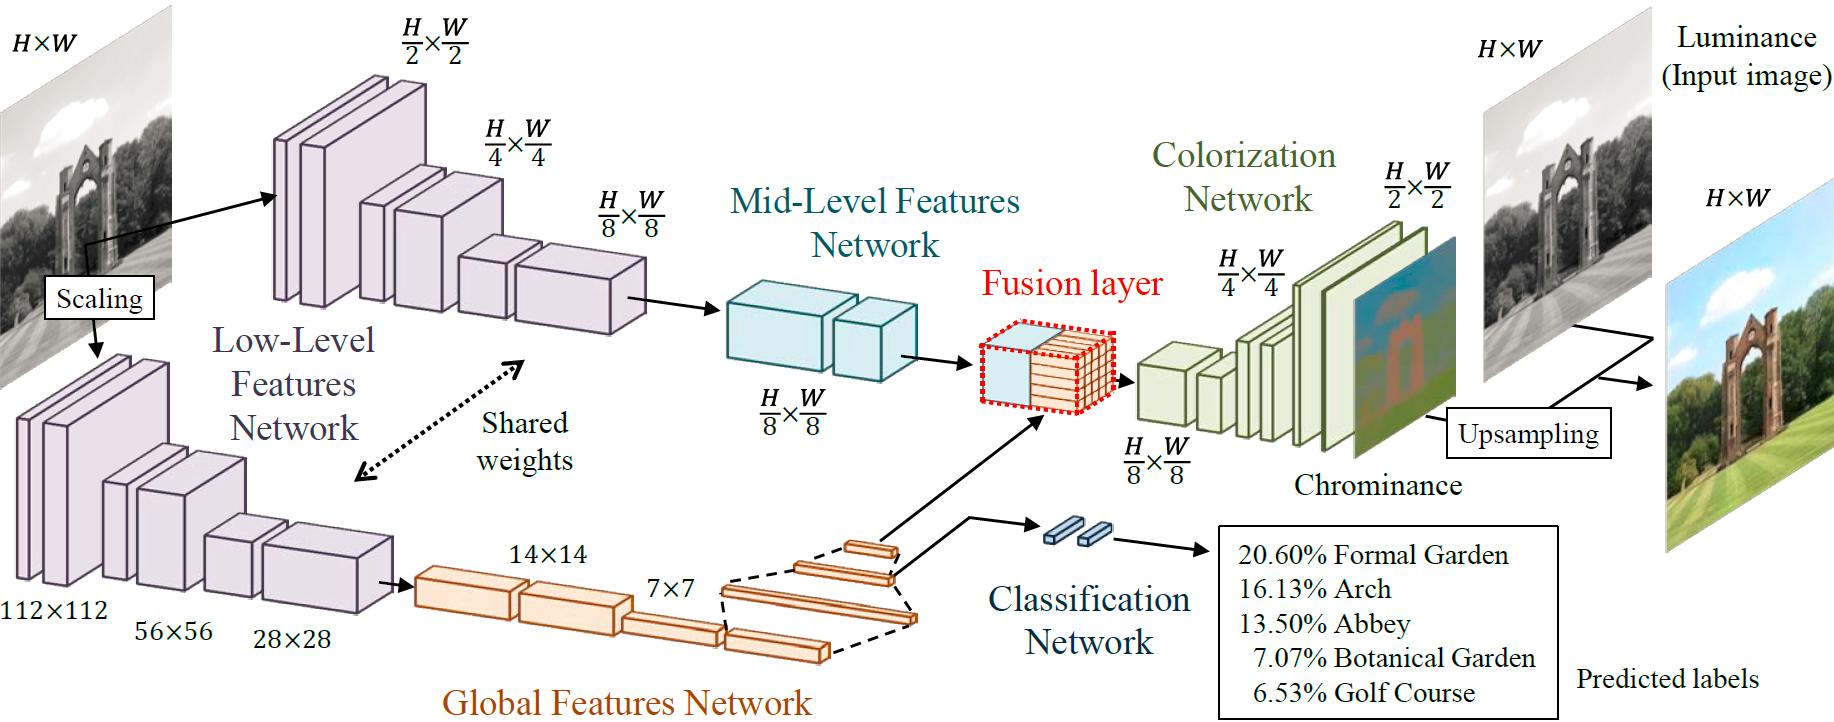 図1ディープネットワークを用いた大域特徴と局所特徴の学習による色付けのモデル構造